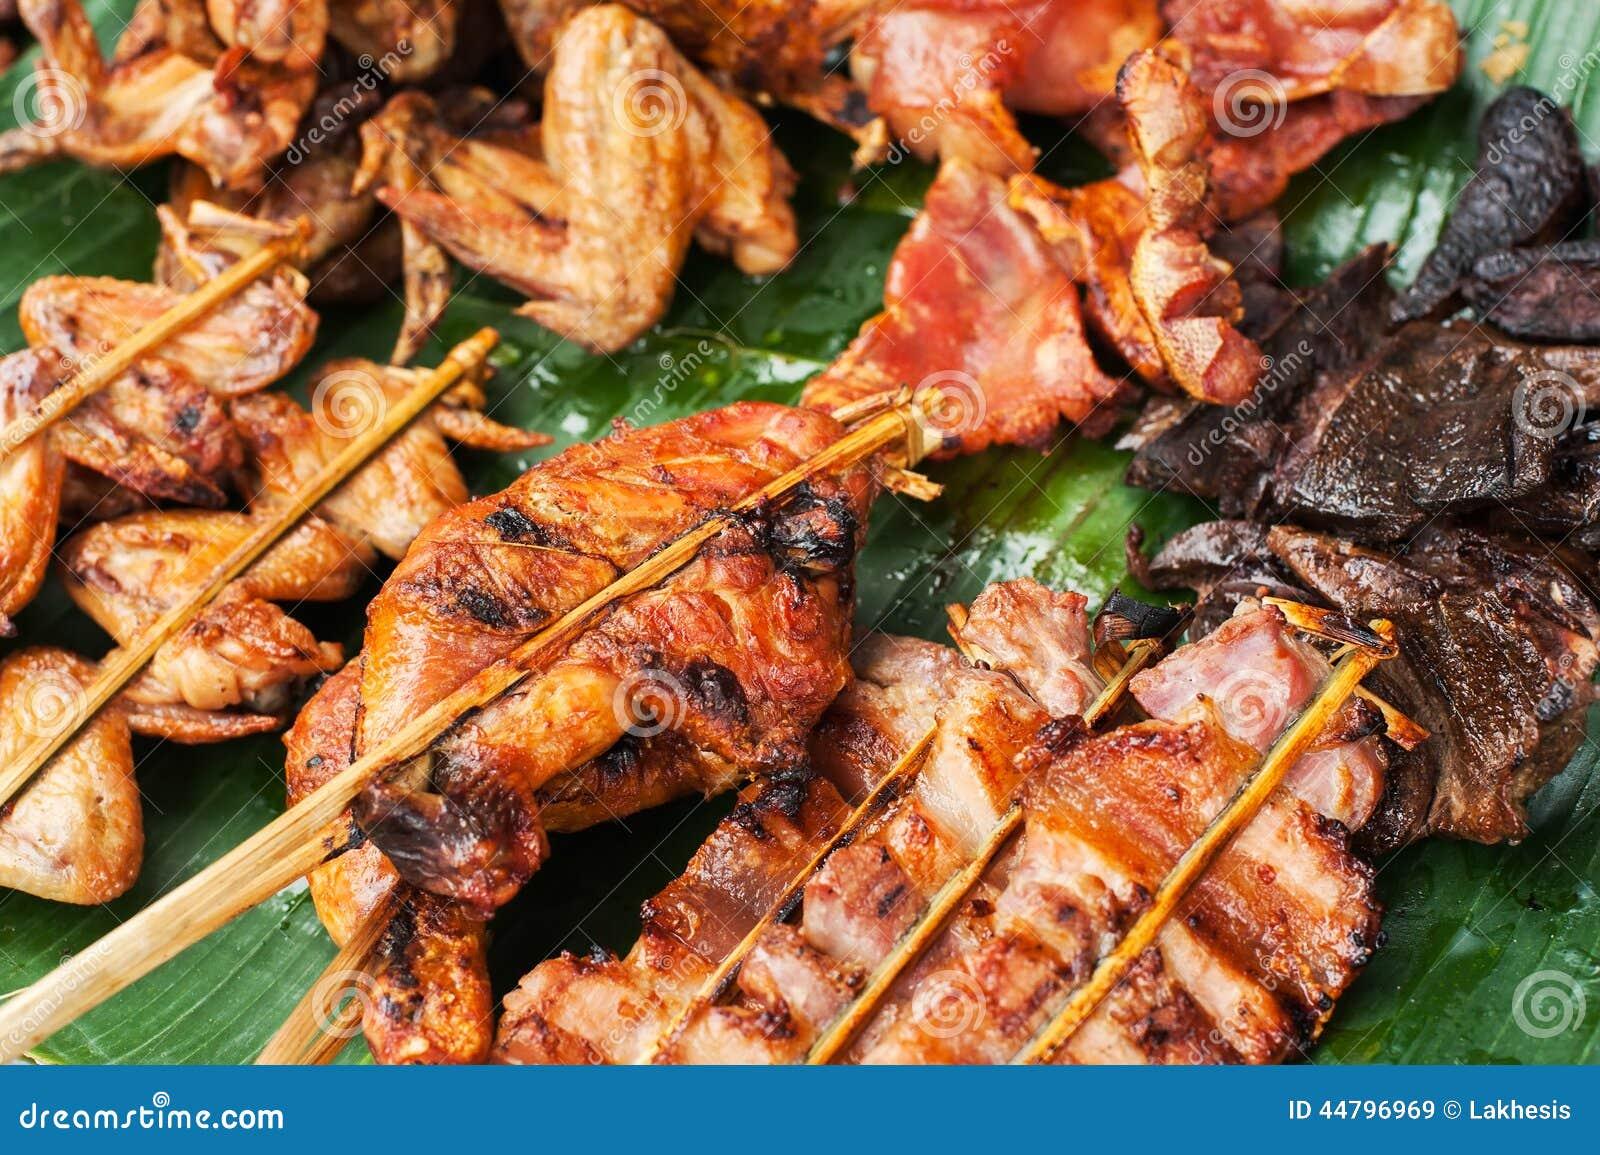 Alimento asiático tradicional no mercado Galinha grelhada picante deliciosa